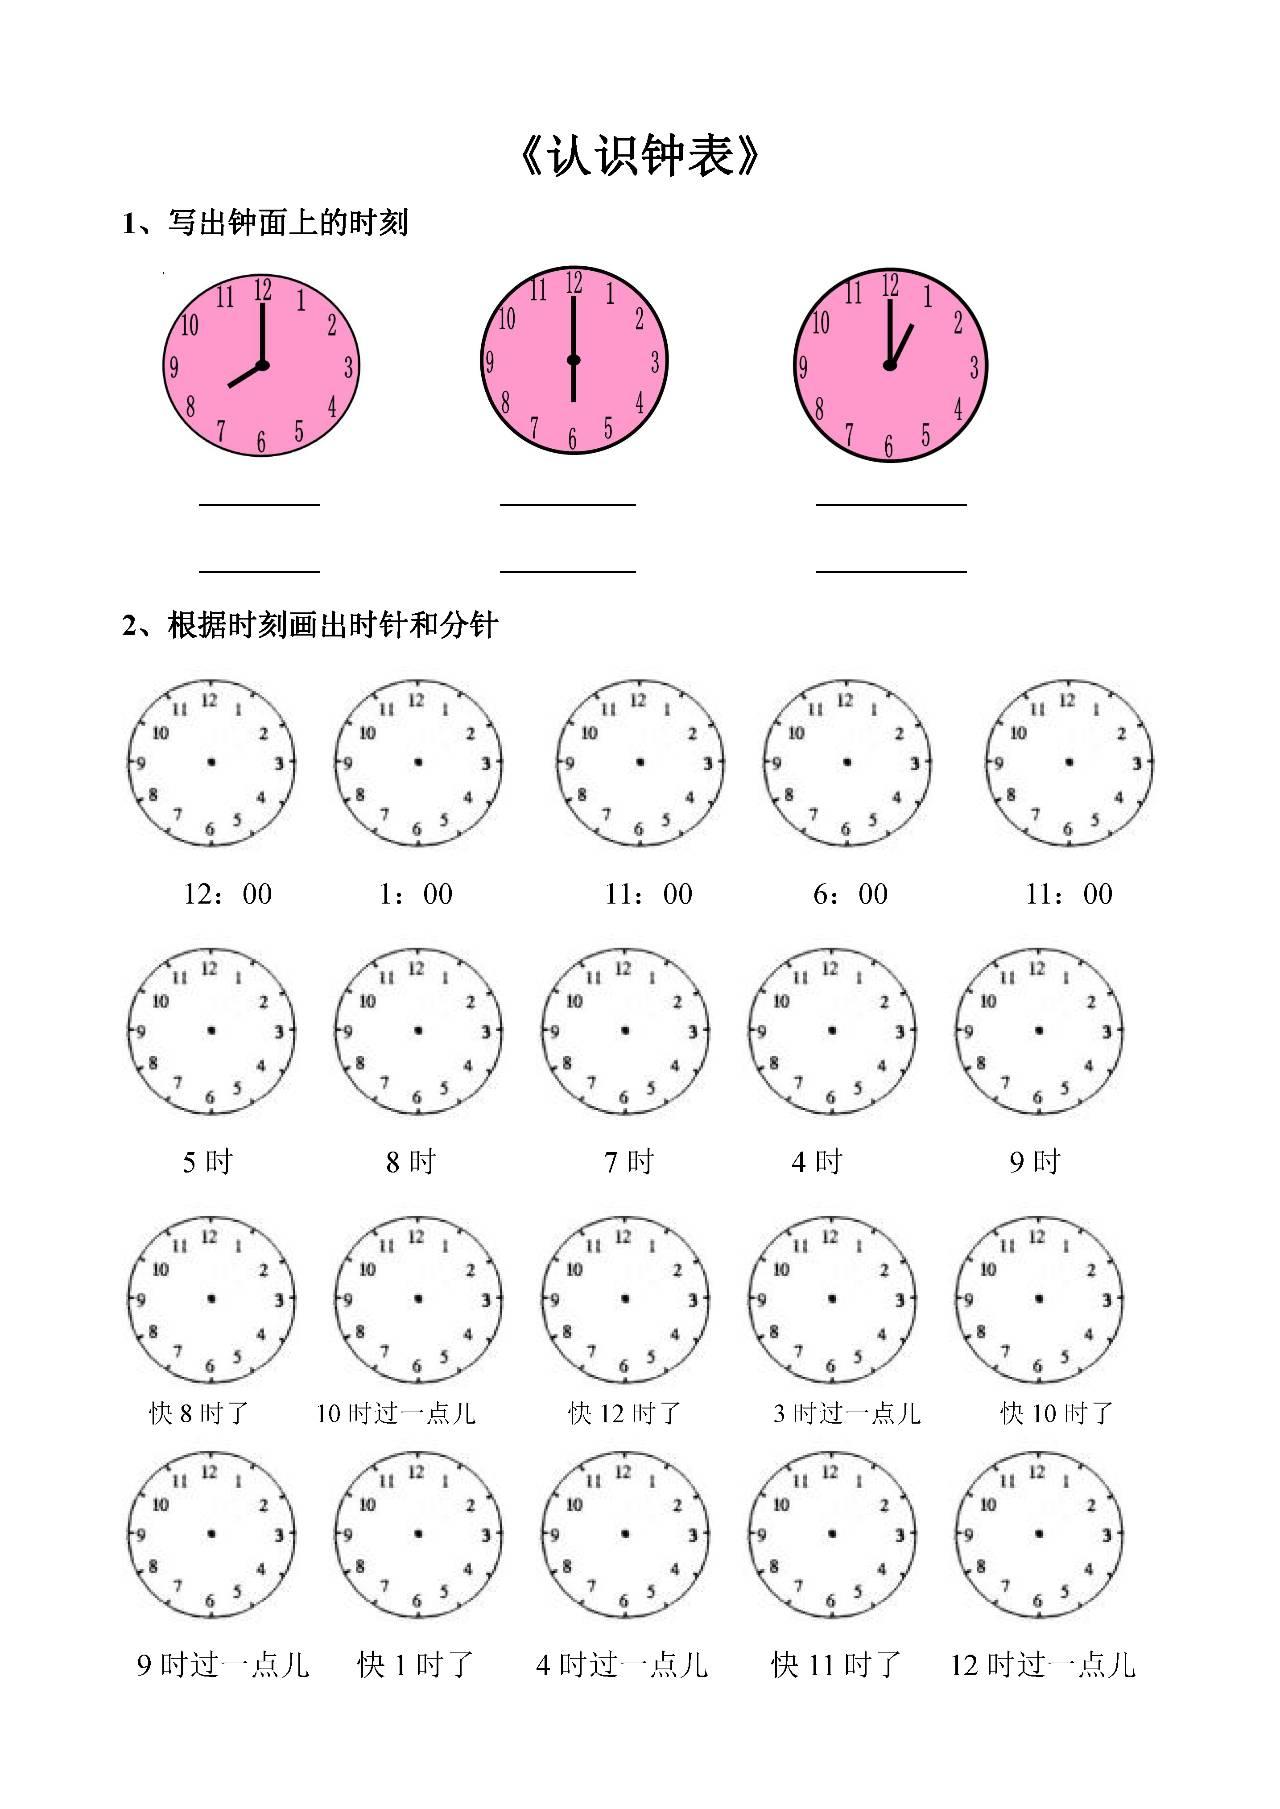 人教版一年级数学上册认识钟表练习题图片